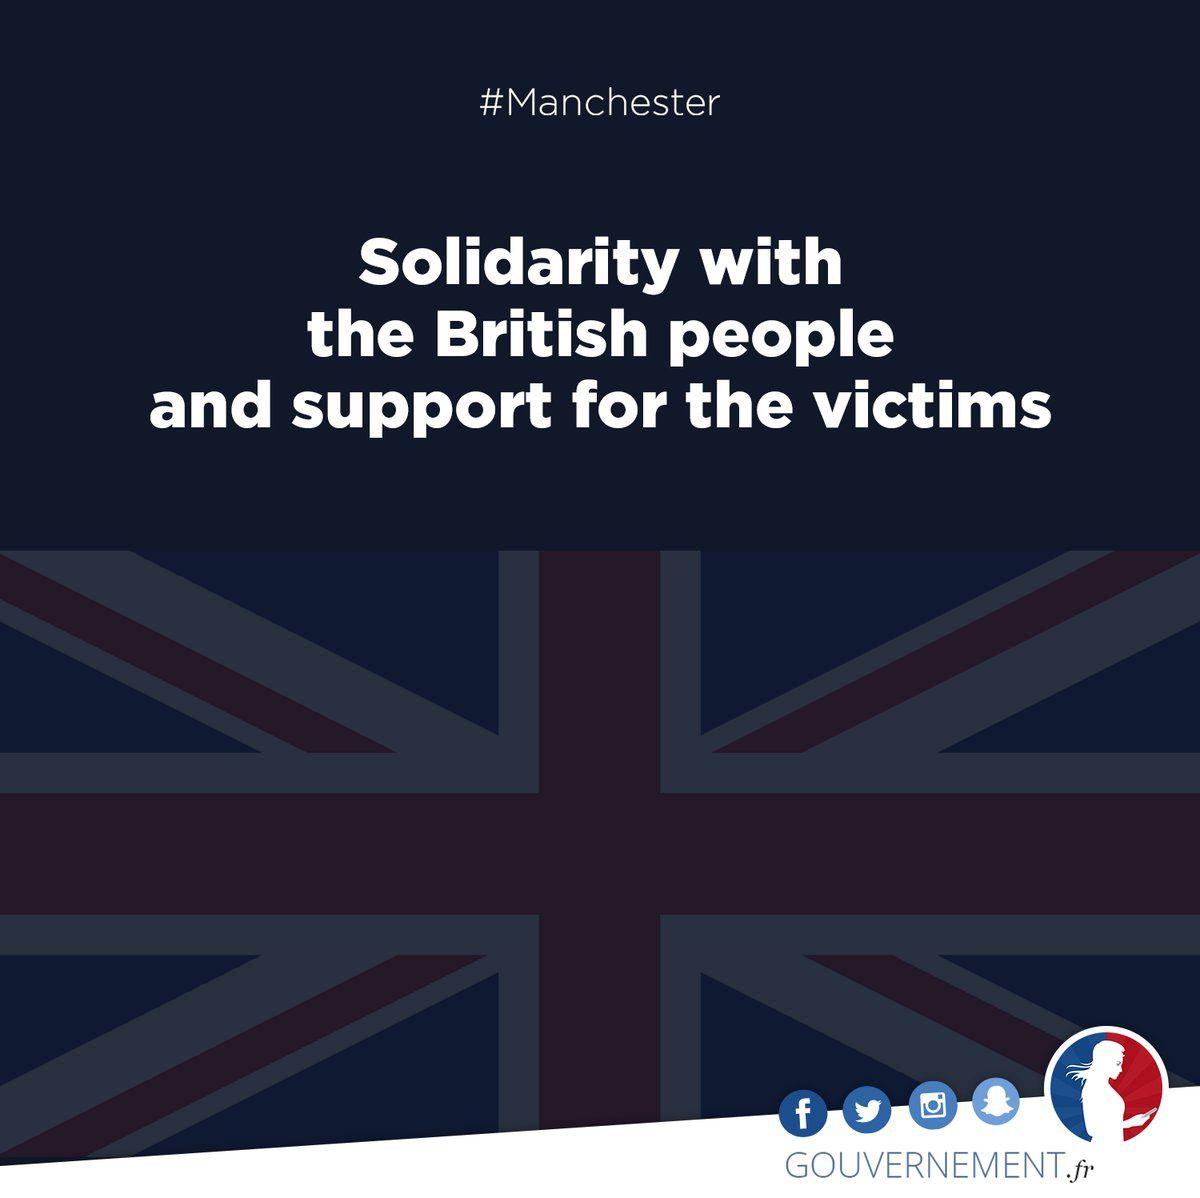 #Manchester